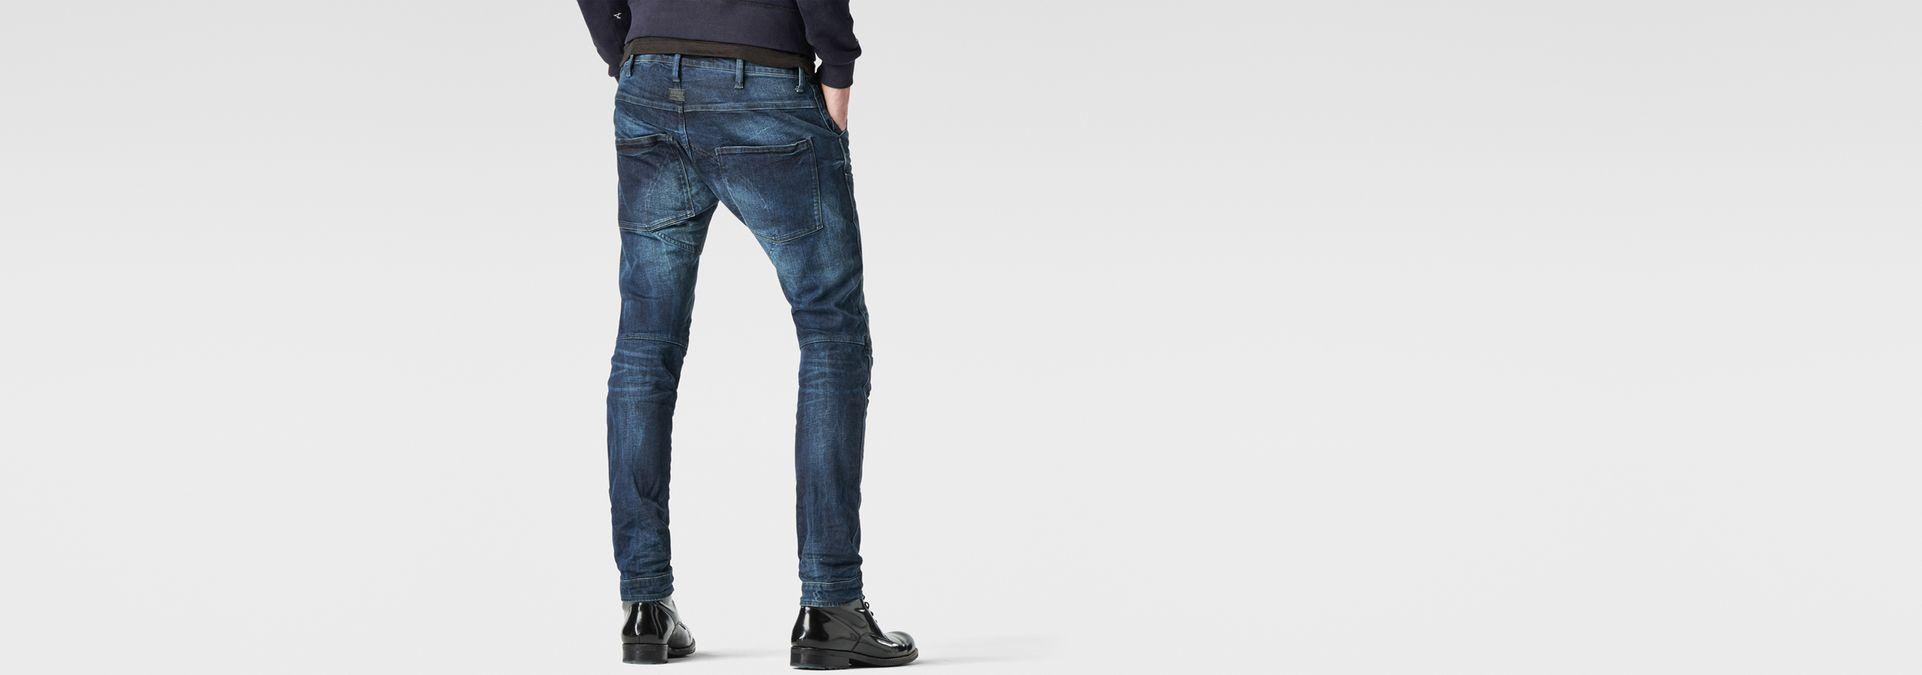 5620 g star elwood 3d super slim jeans dk aged g star raw. Black Bedroom Furniture Sets. Home Design Ideas